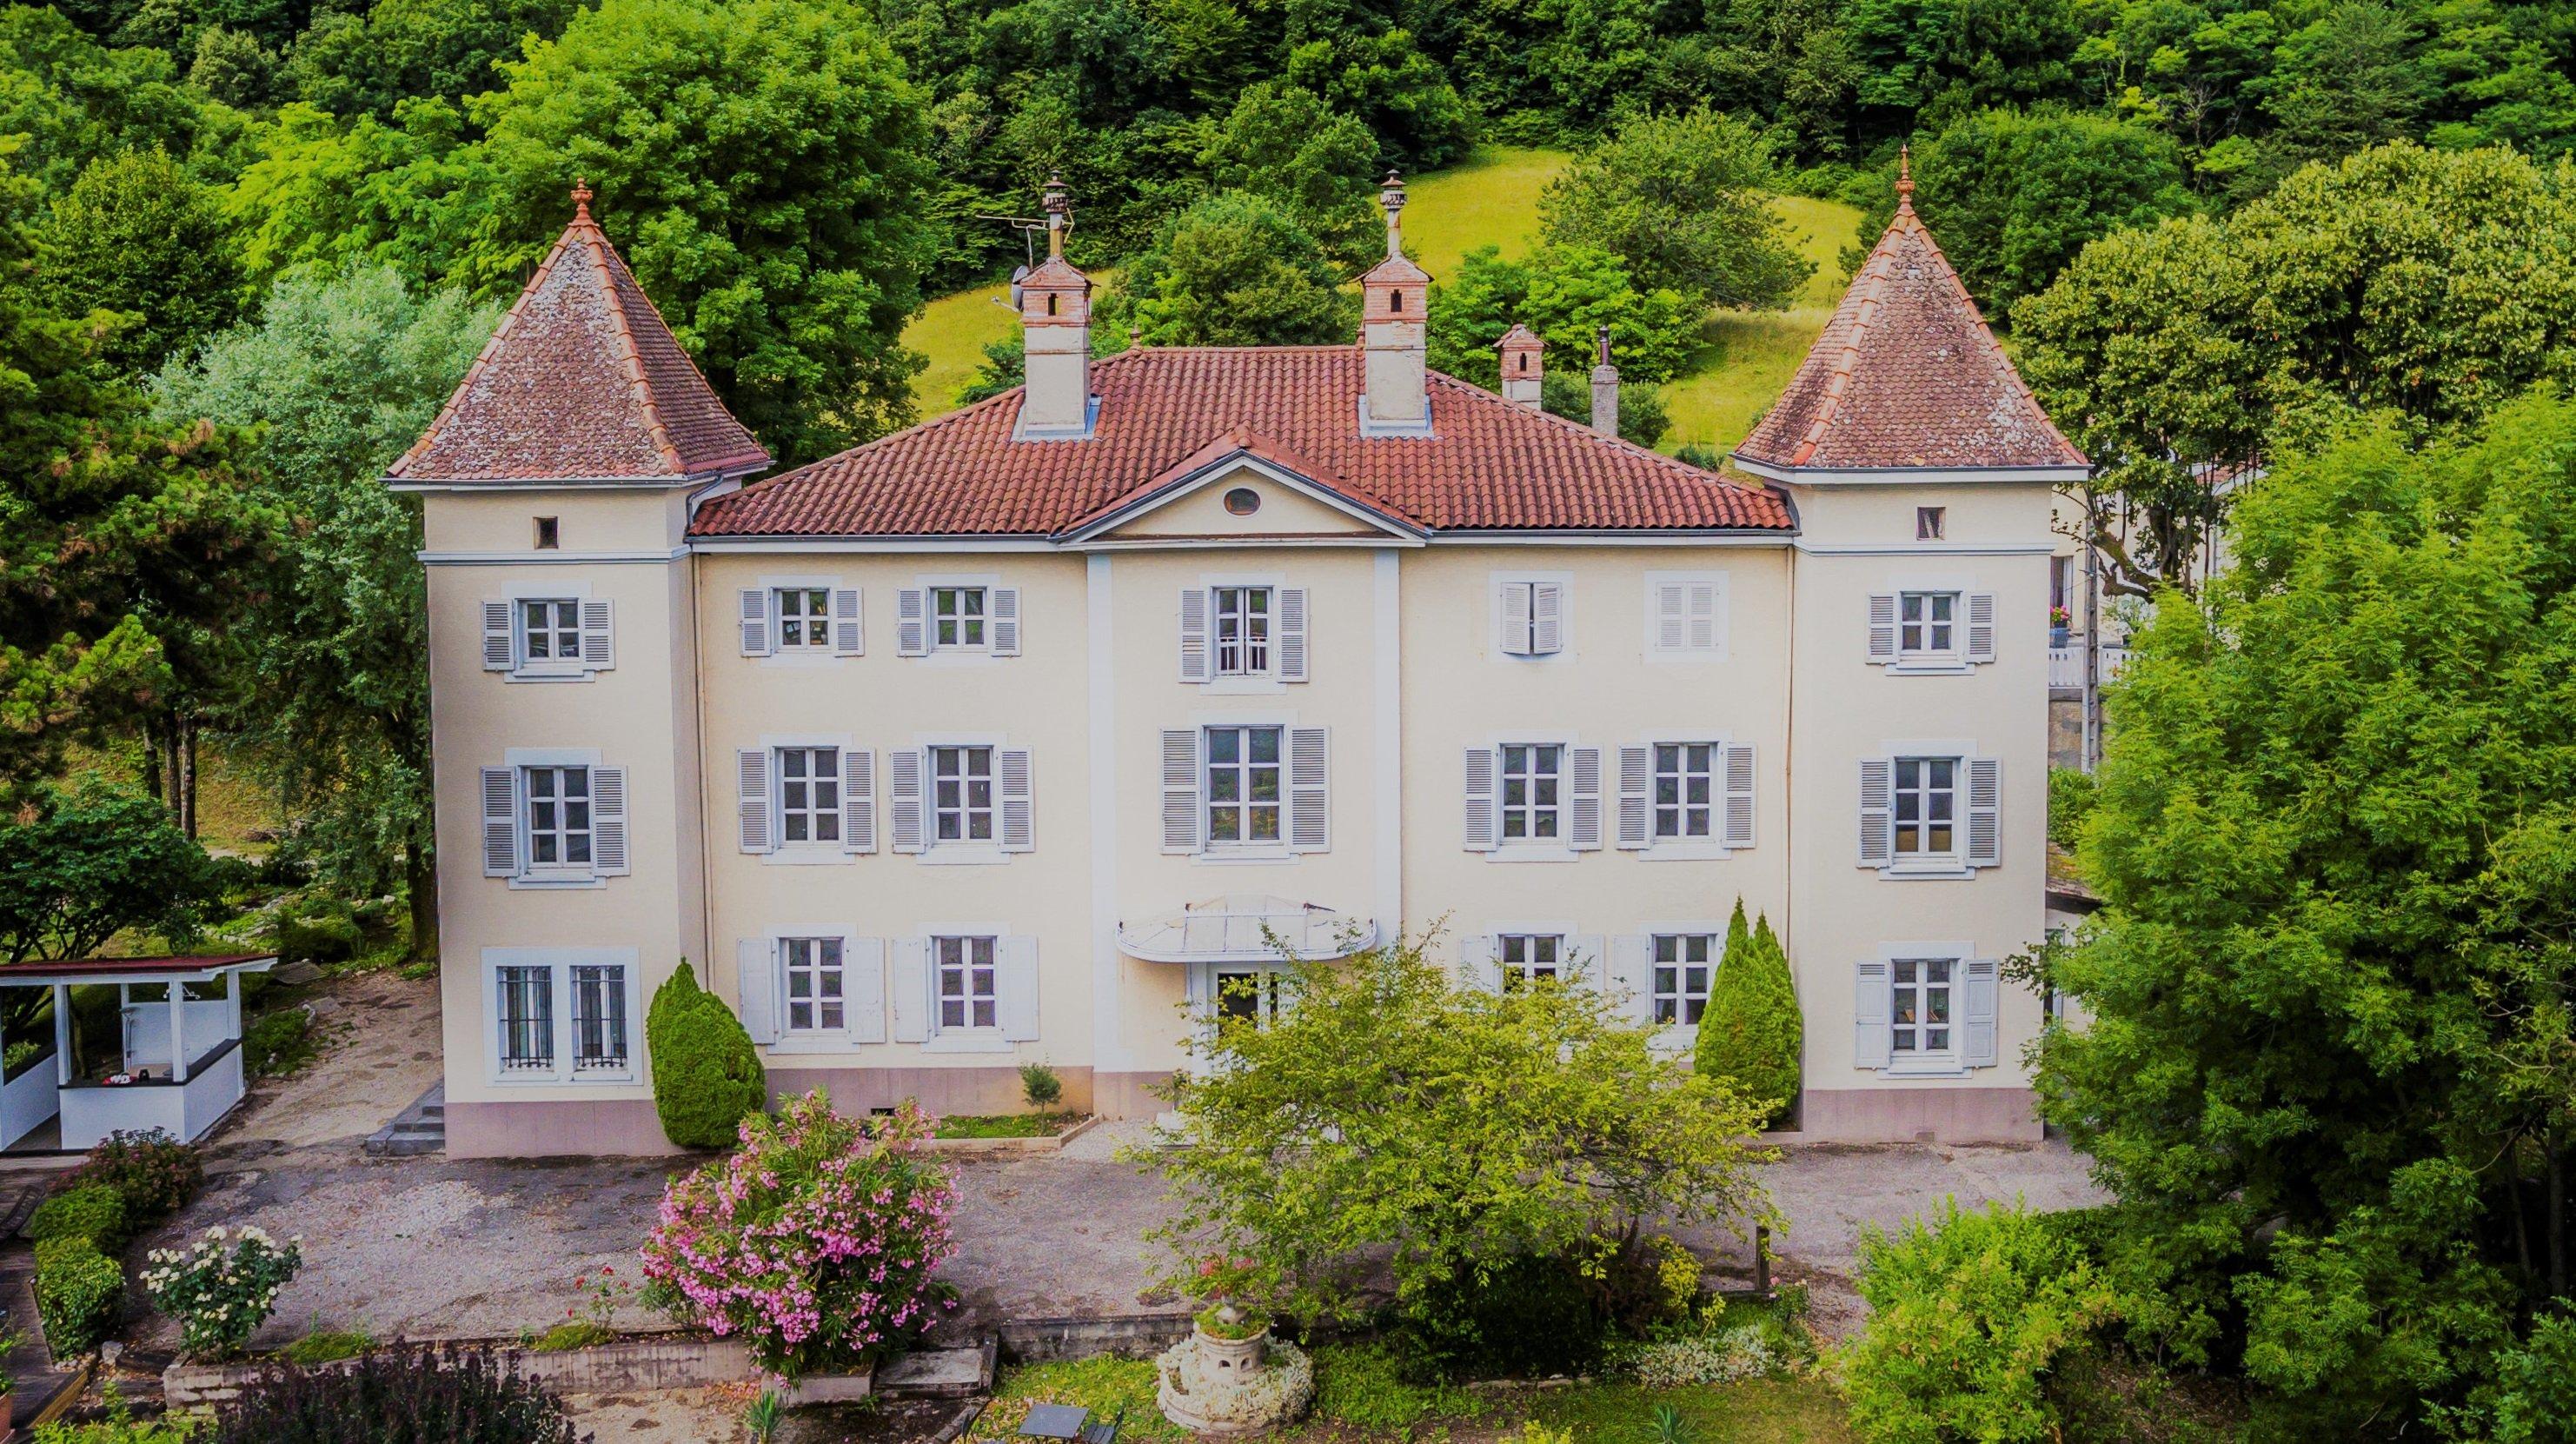 Noyarey_chateau_ClubMICE_réception_découverte